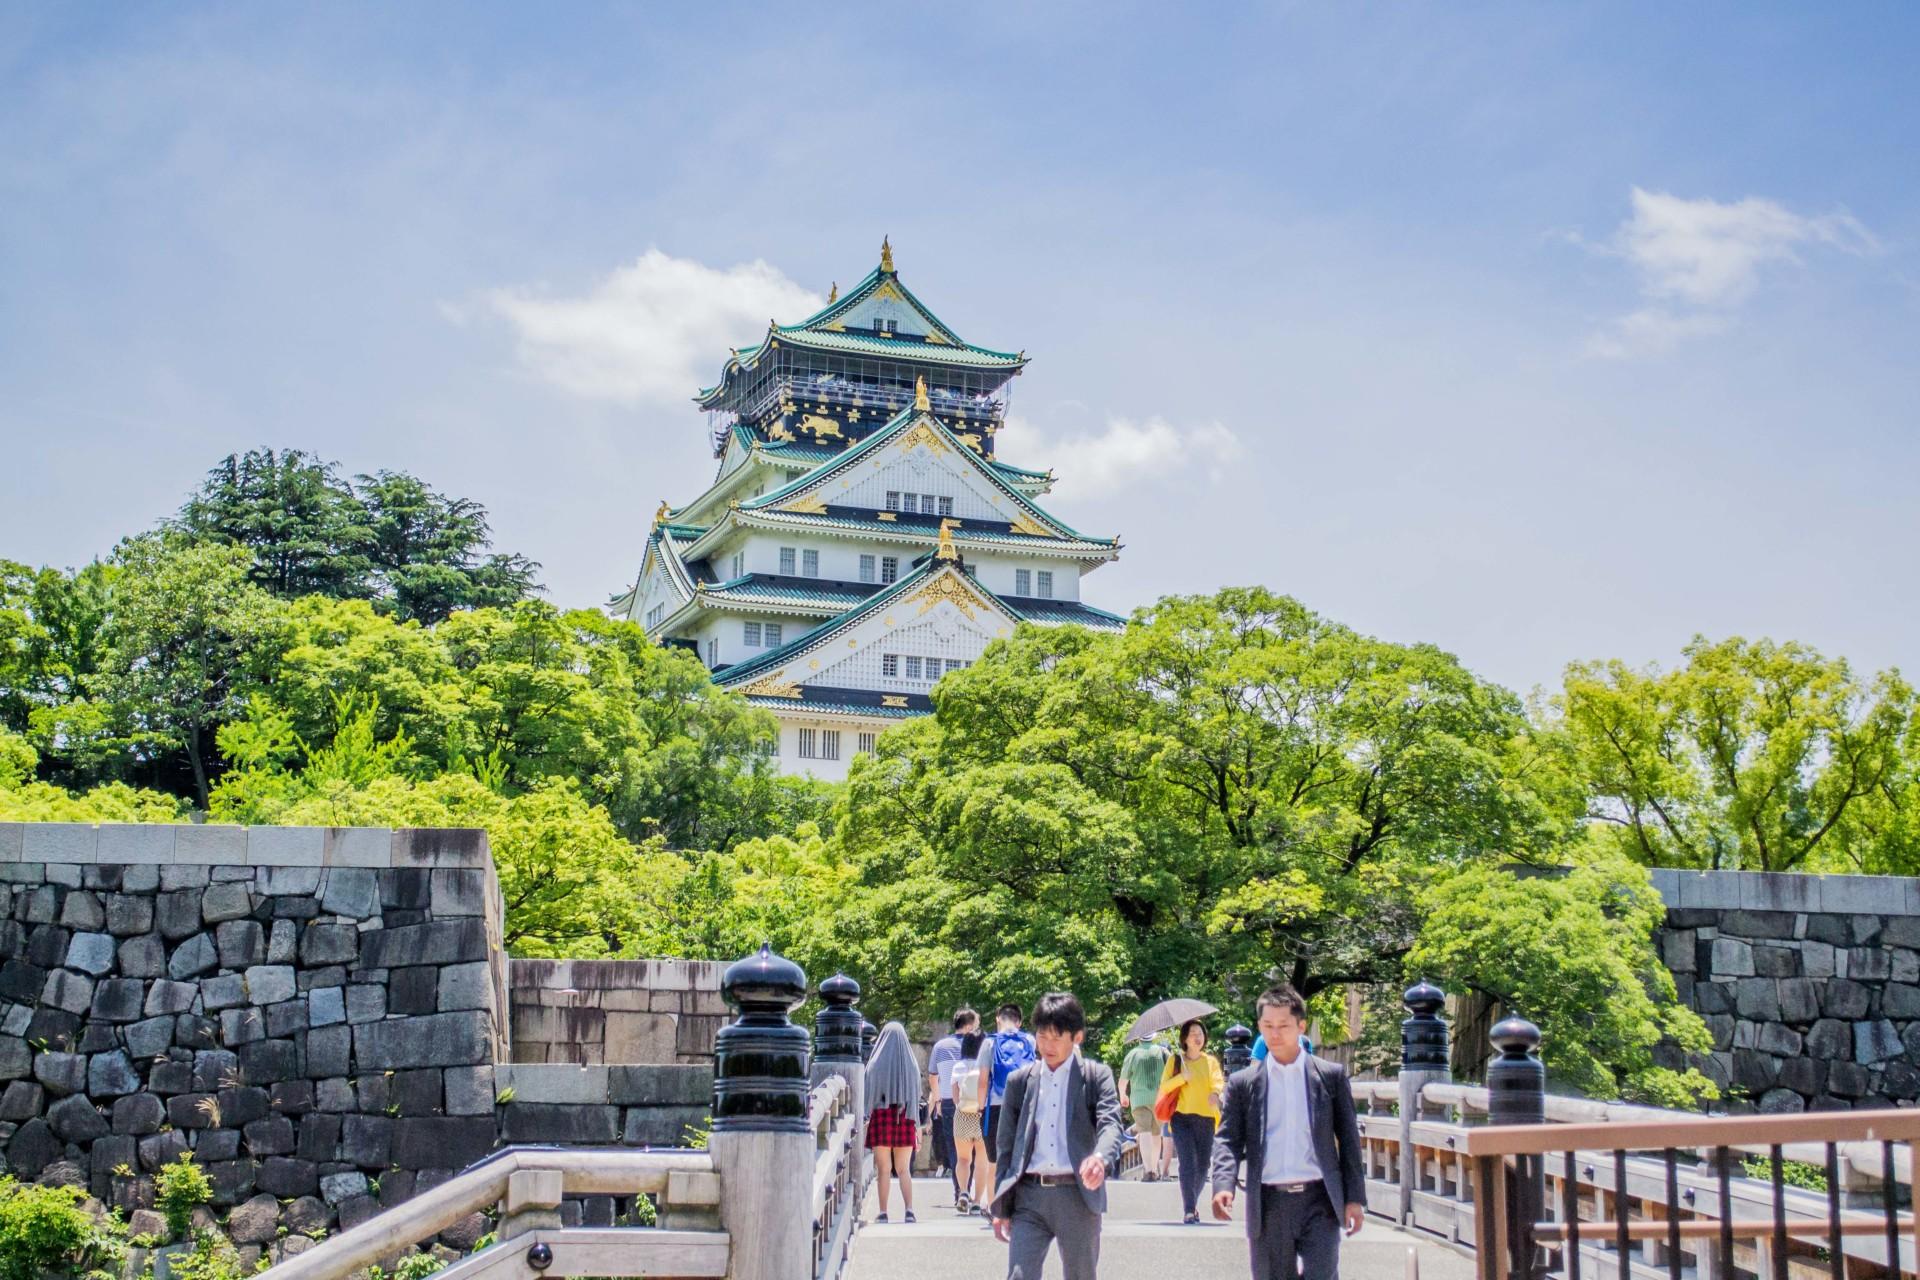 Du lịch Nhật Bản: Tokyo - Phú Sỹ - Kyoto - Osaka 6 ngày ANA